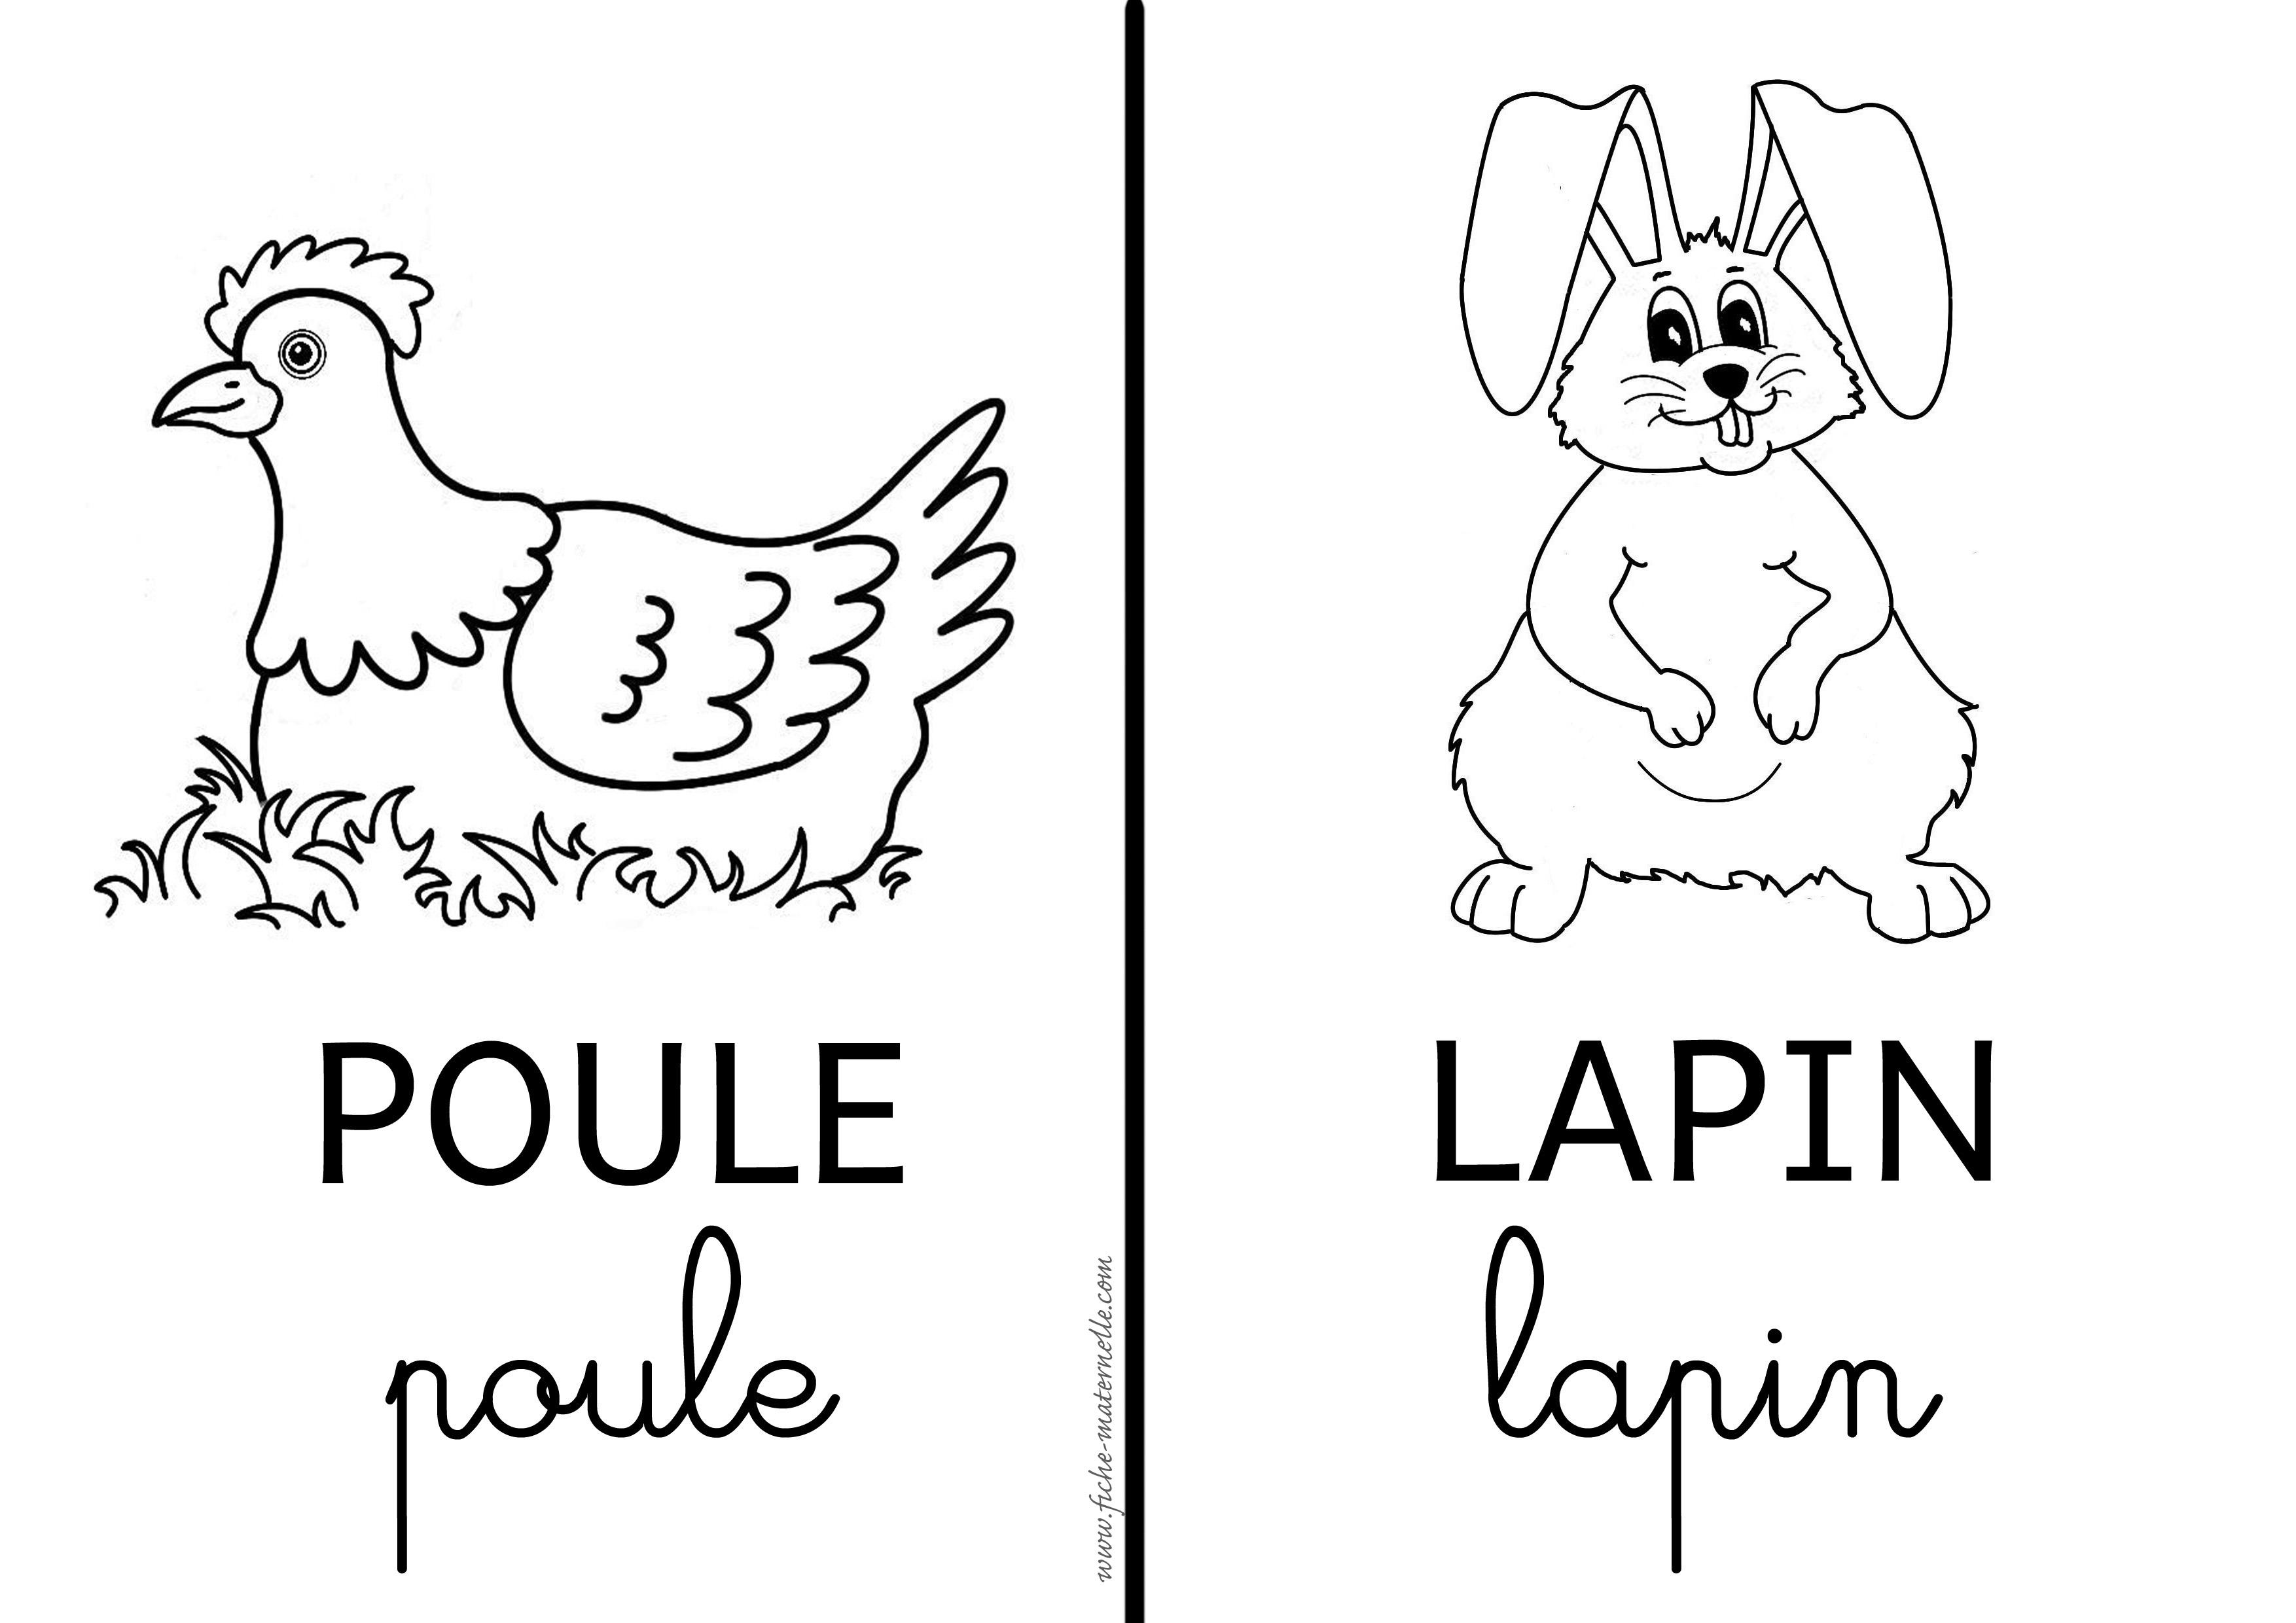 Poule et lapin de p ques - Coloriage paques maternelle ...